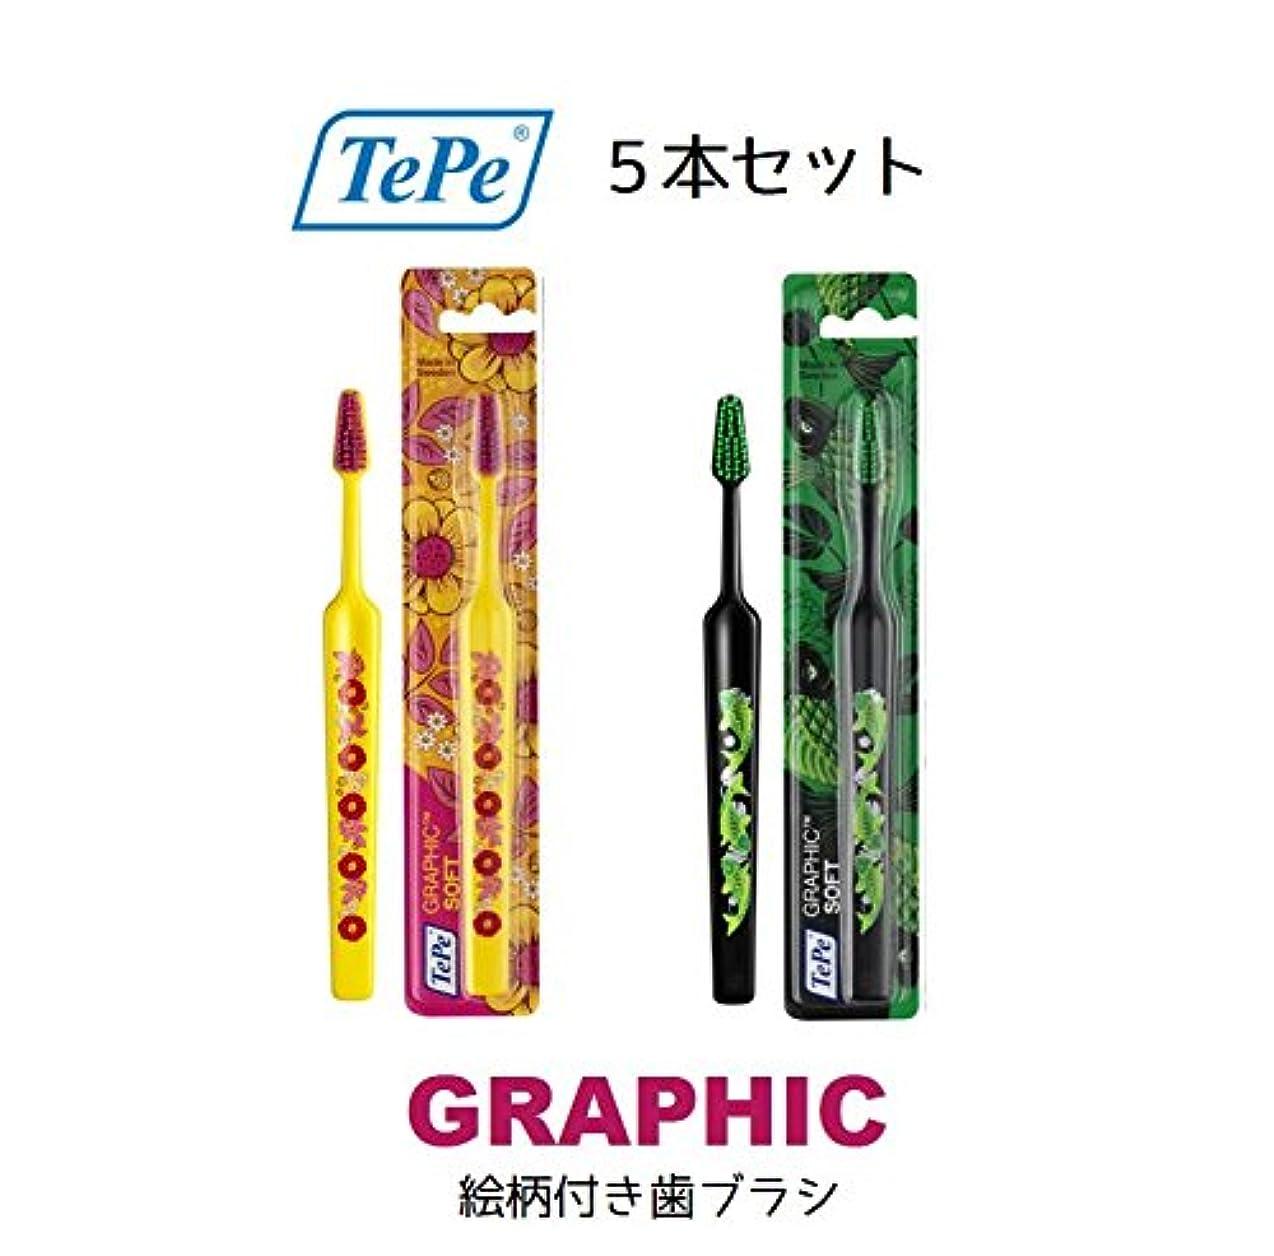 バルブスローガン社会科テペ グラフィック ソフト 5本セット TePe Graphic soft (イエロー?ピンク)